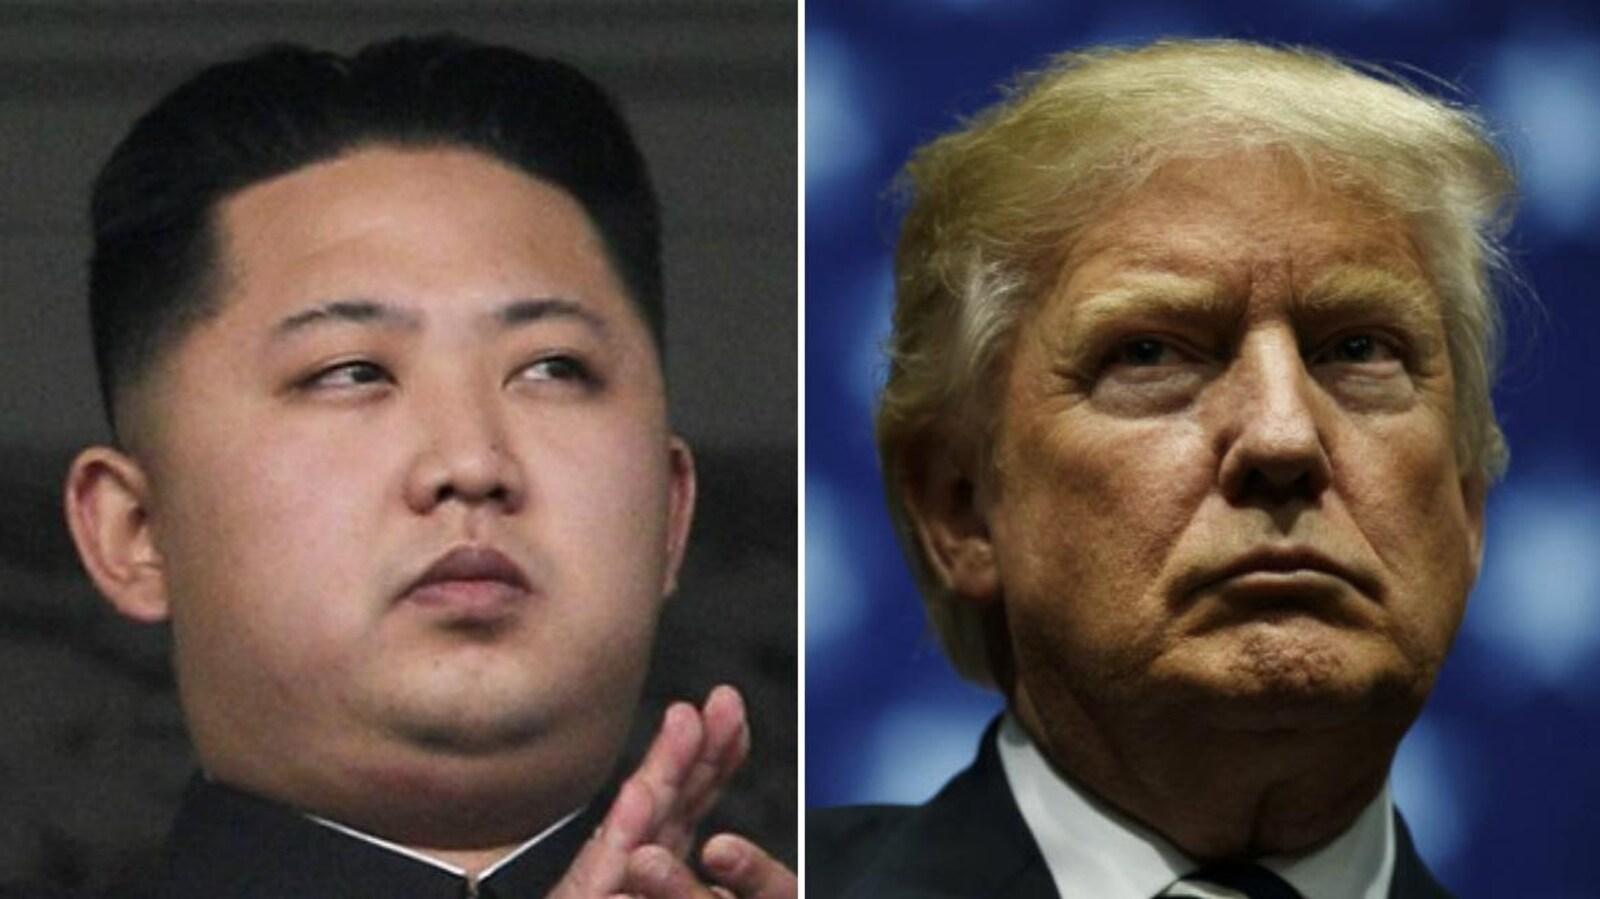 Le chef suprême de la Corée du Nord, Kim Jong-un (gauche) et le président américain, Donald Trump (droite).